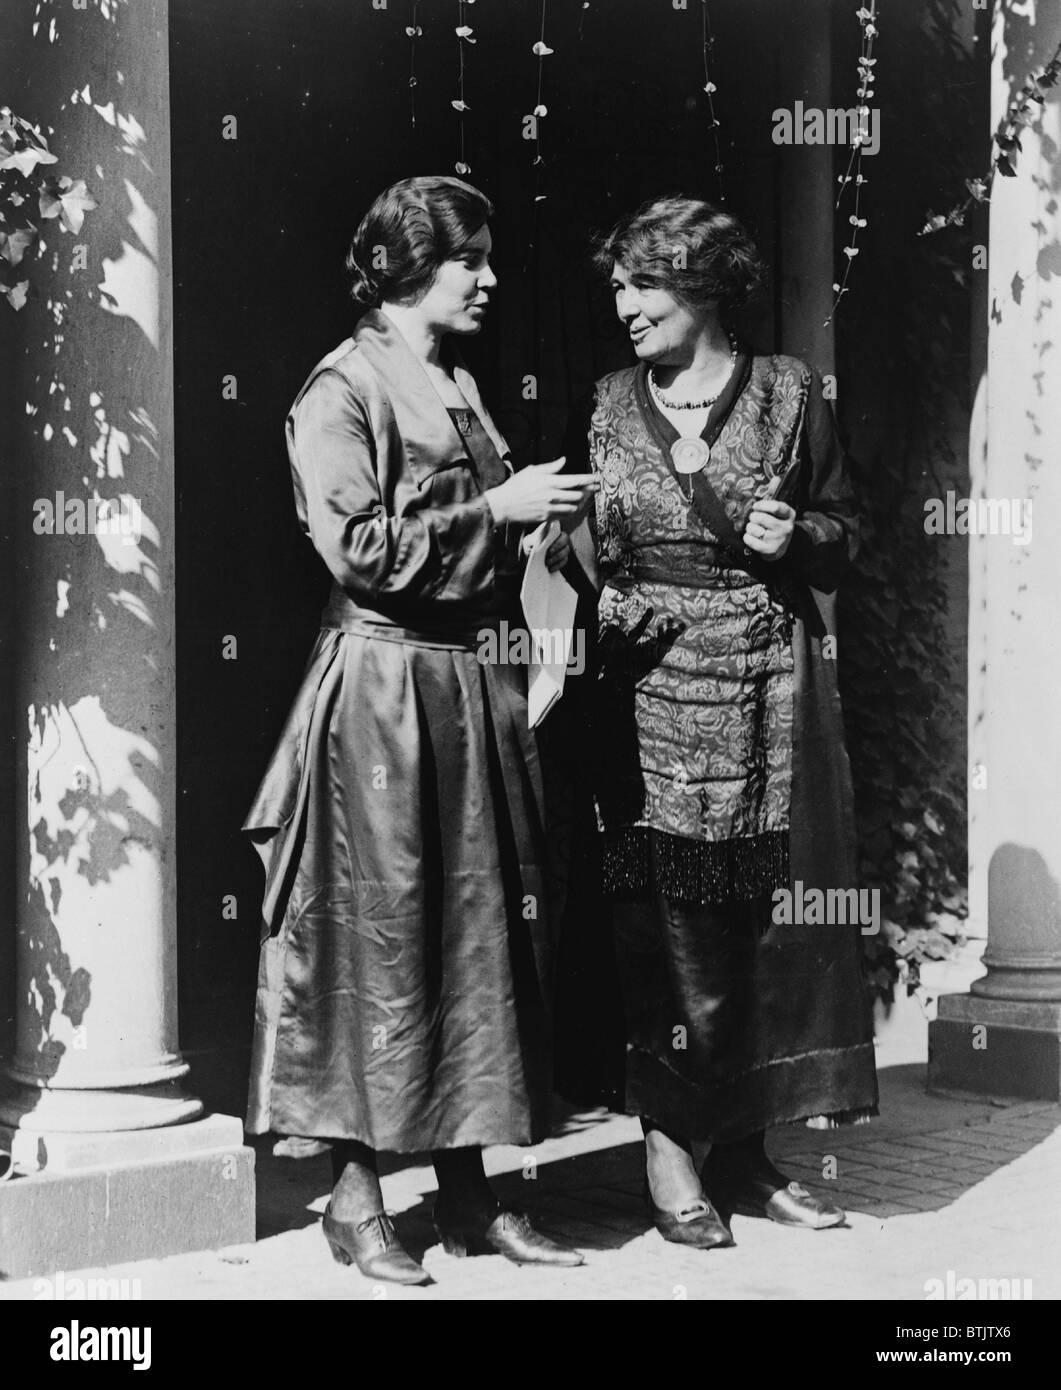 Alice Paul (1885-1977) und Emmeline Pethick-Lawrence (1867 – 1954) amerikanischen und britischen Aktivisten für das Frauenwahlrecht und Gleichberechtigung treffen in USA, ca. 1917. Stockfoto